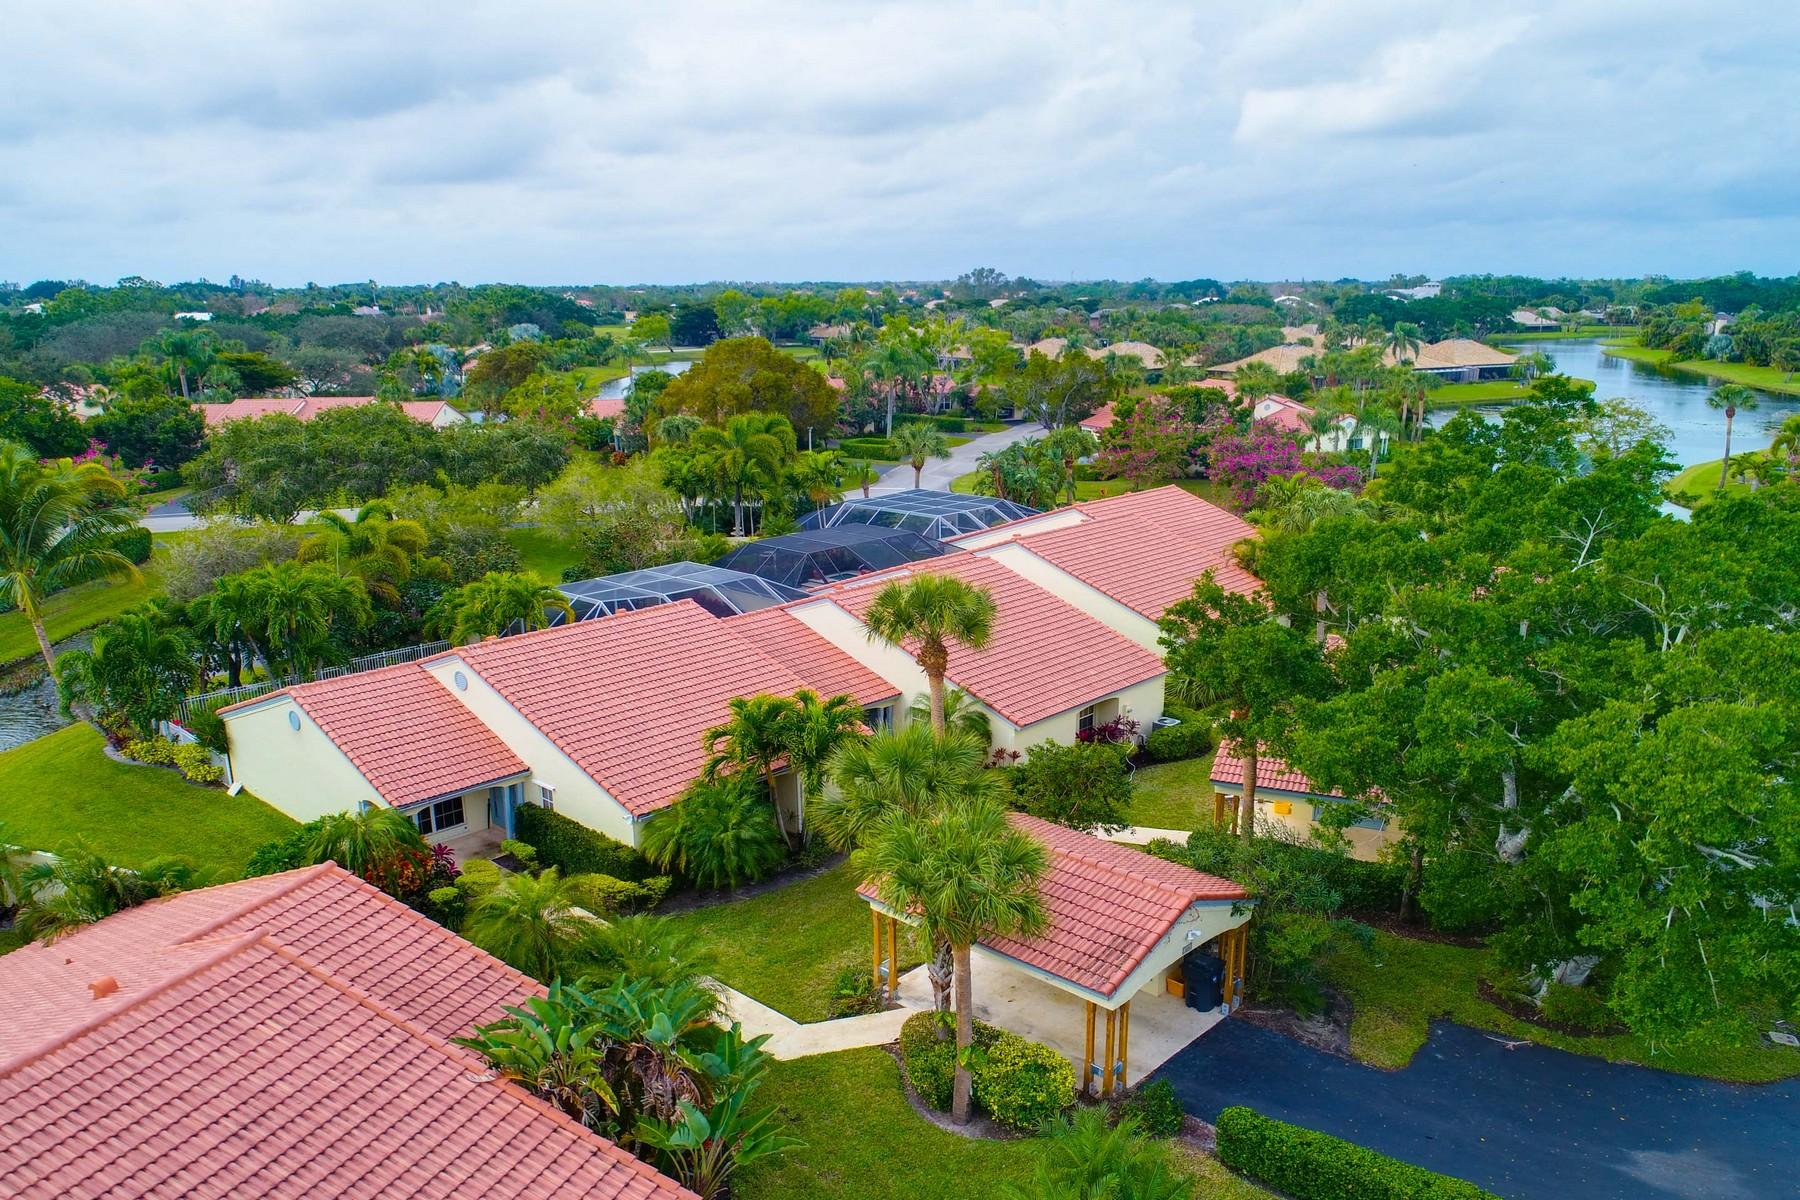 Частный односемейный дом для того Продажа на 2244 Las Casitas 2244 Las Casitas Drive, Wellington, Флорида, 33414 Соединенные Штаты